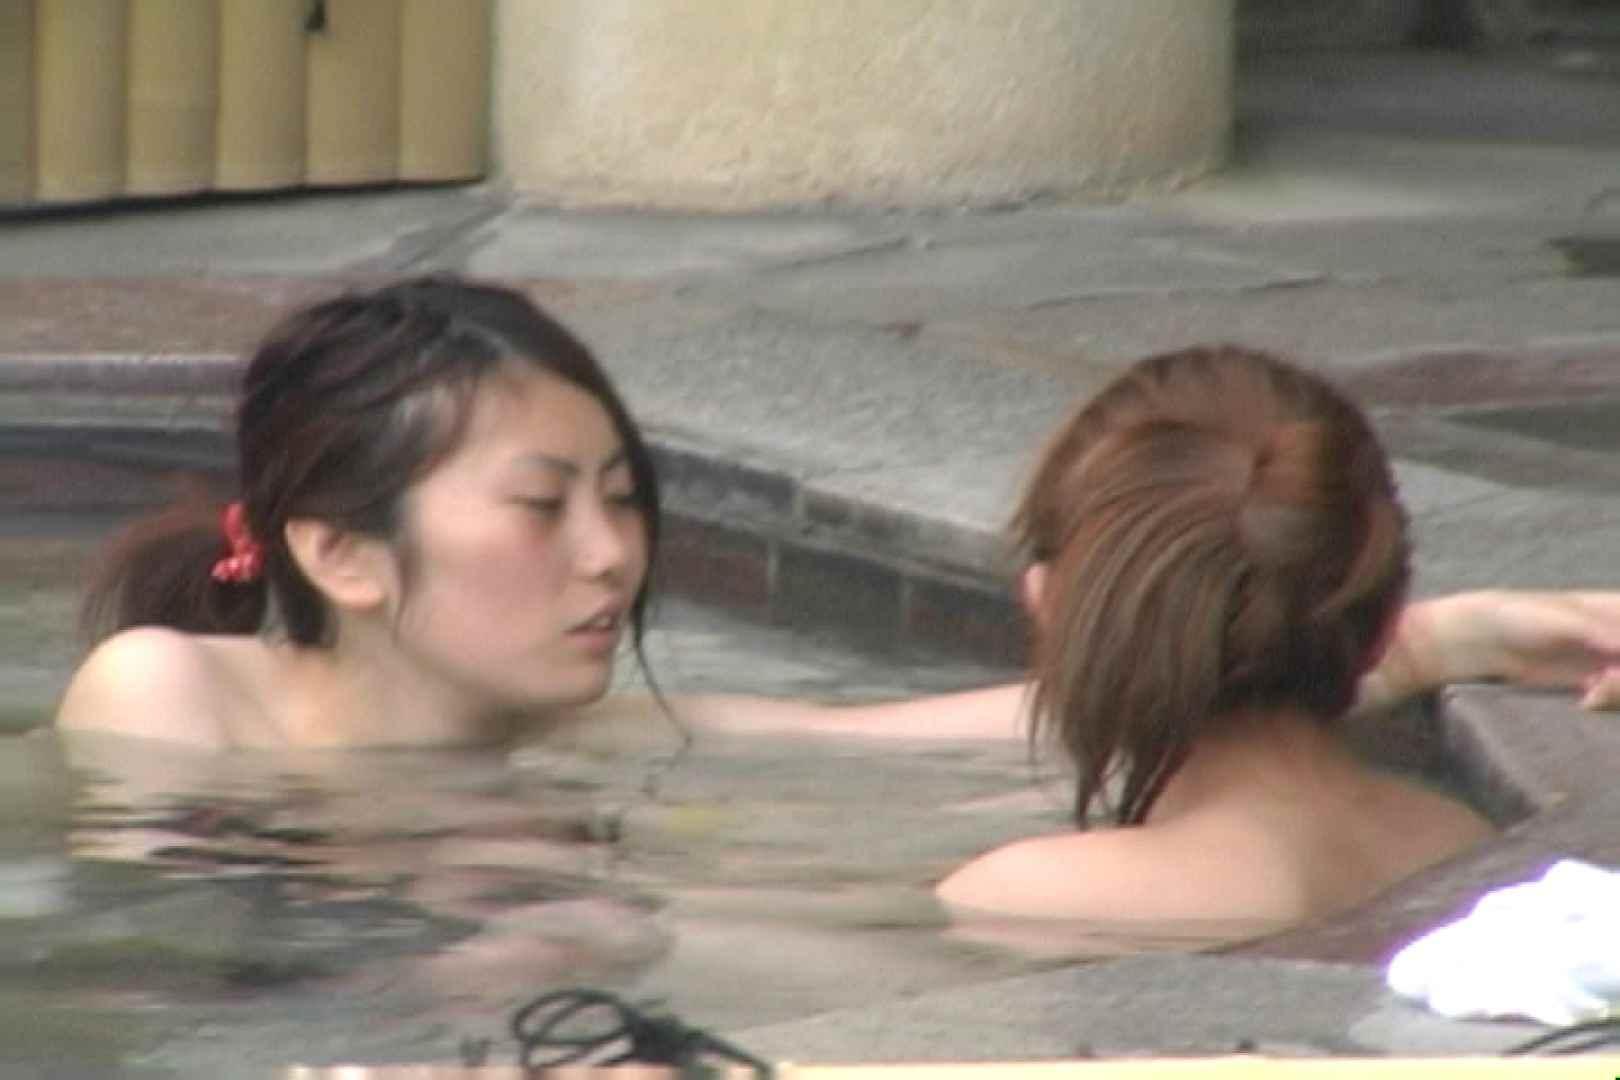 Aquaな露天風呂Vol.29【VIP】 盗撮大放出 | 露天  34連発 31